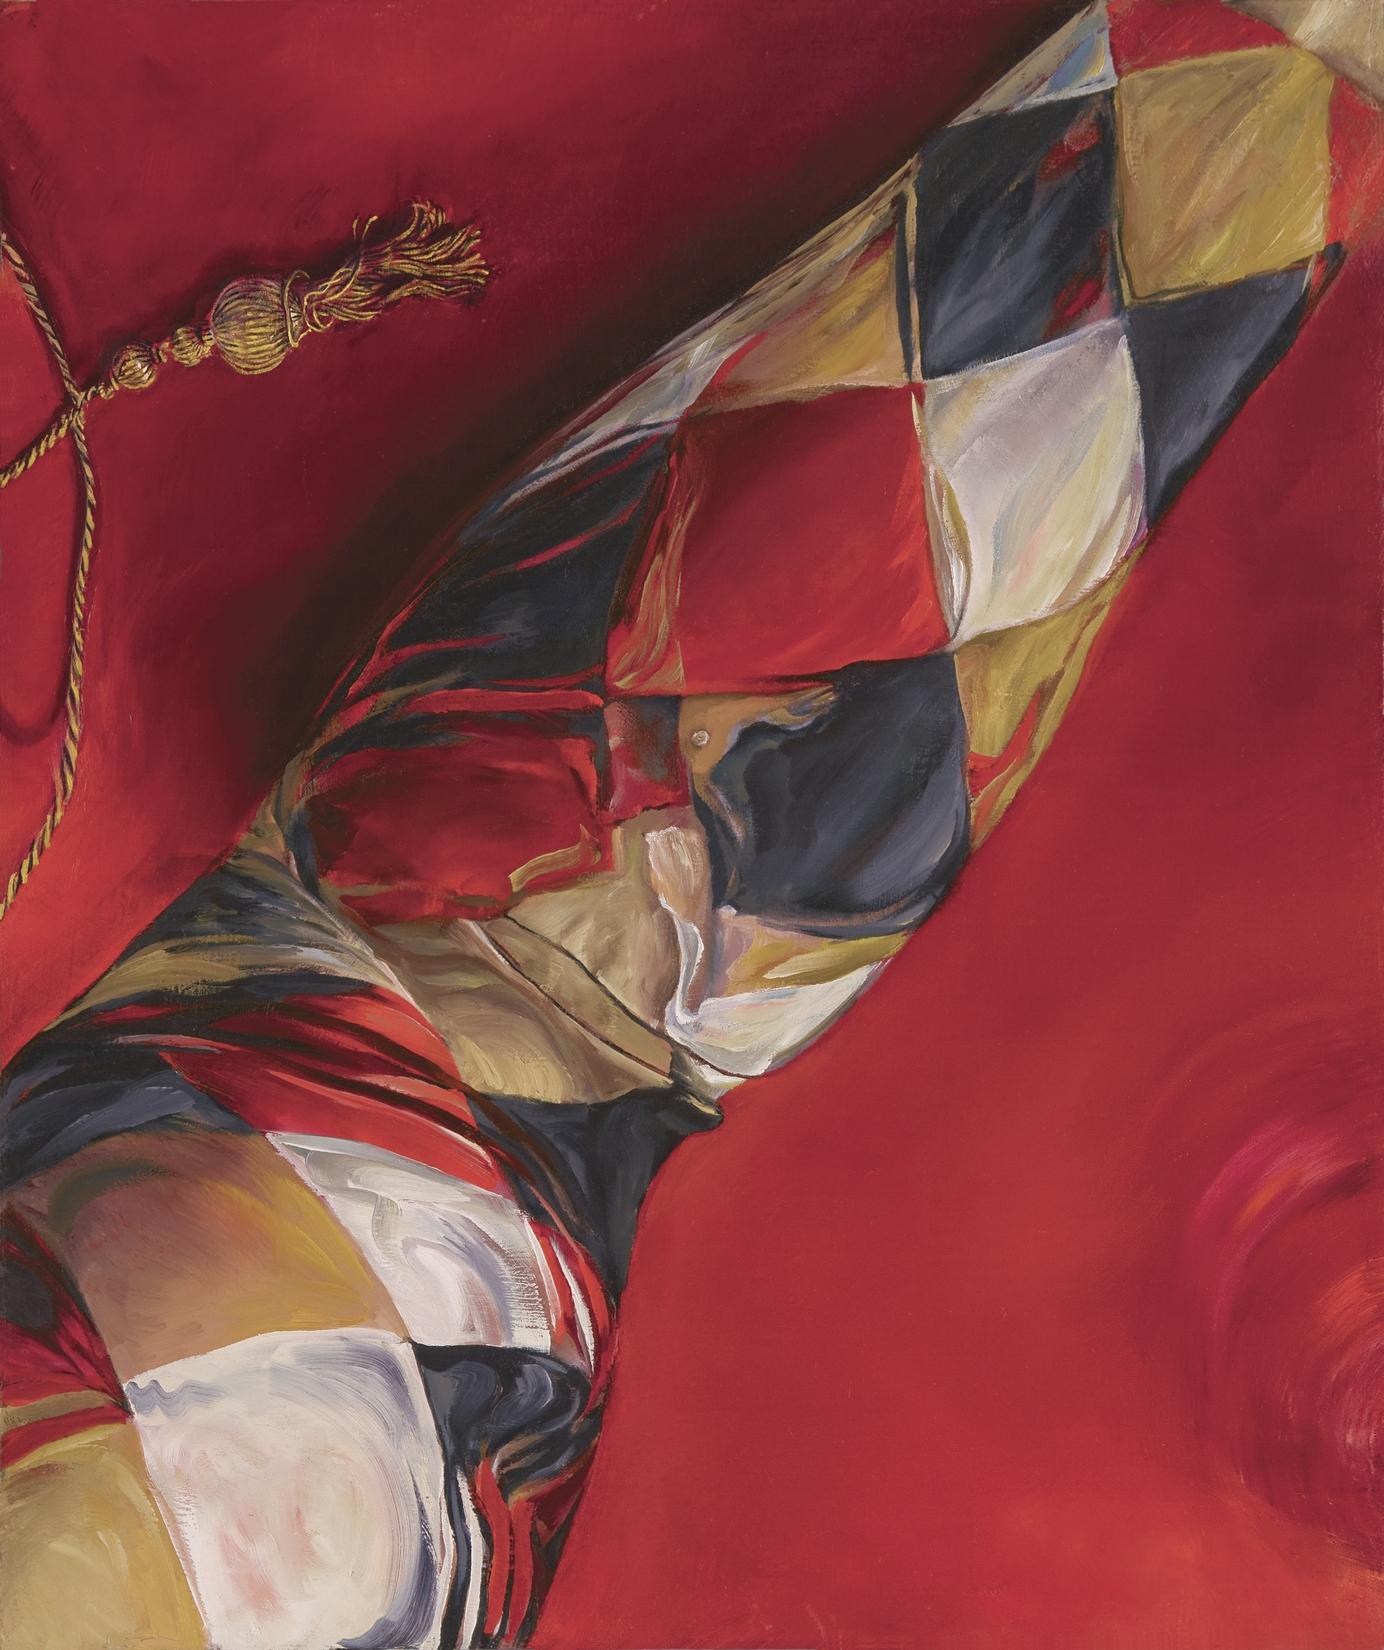 Limbic - print on canvas, 20x16